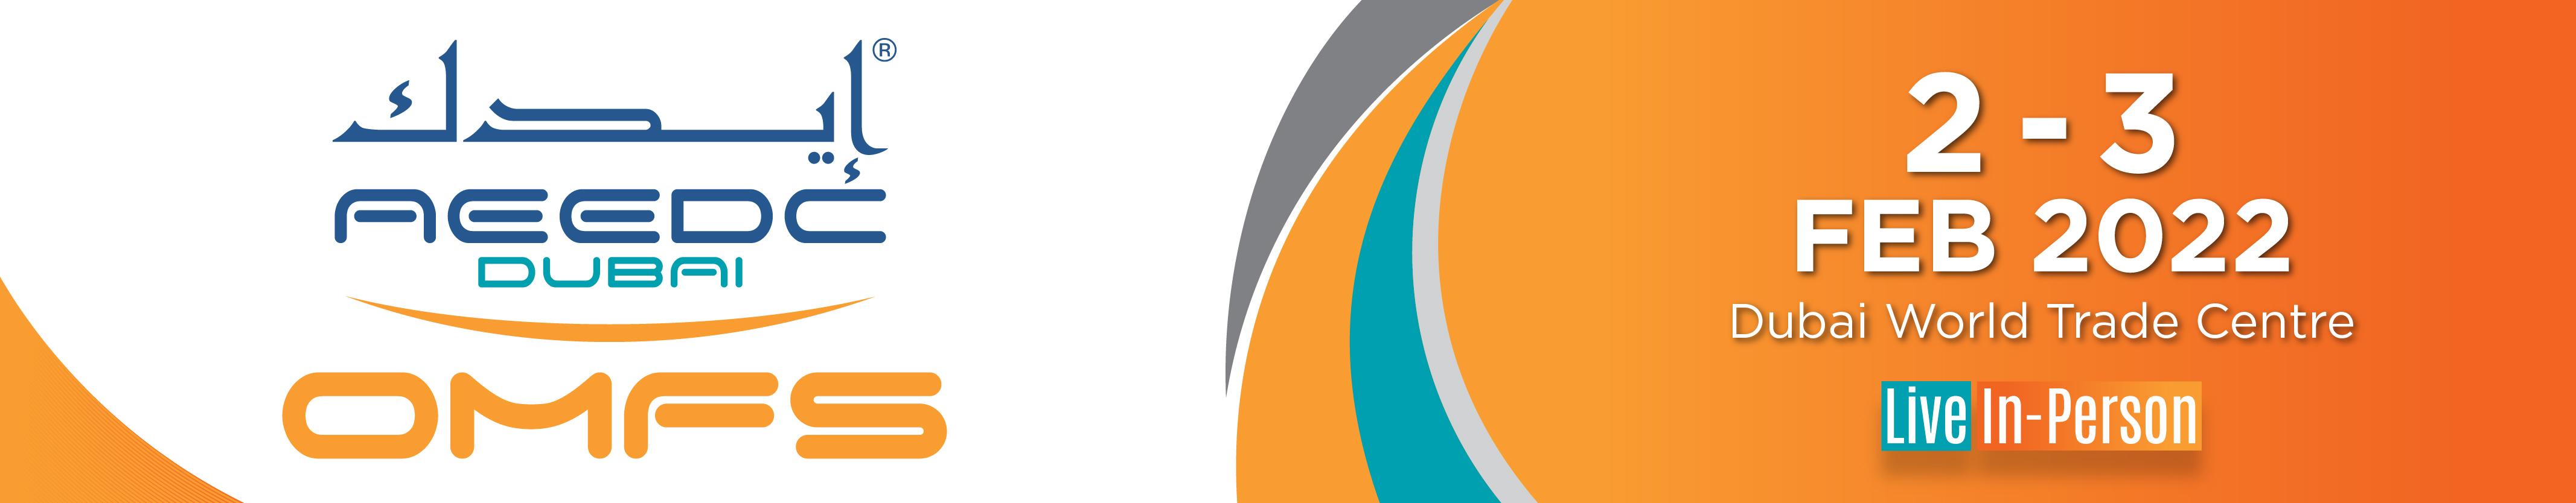 AEEDC Dubai World Oral and Maxillofacial Surgery Conference 2022